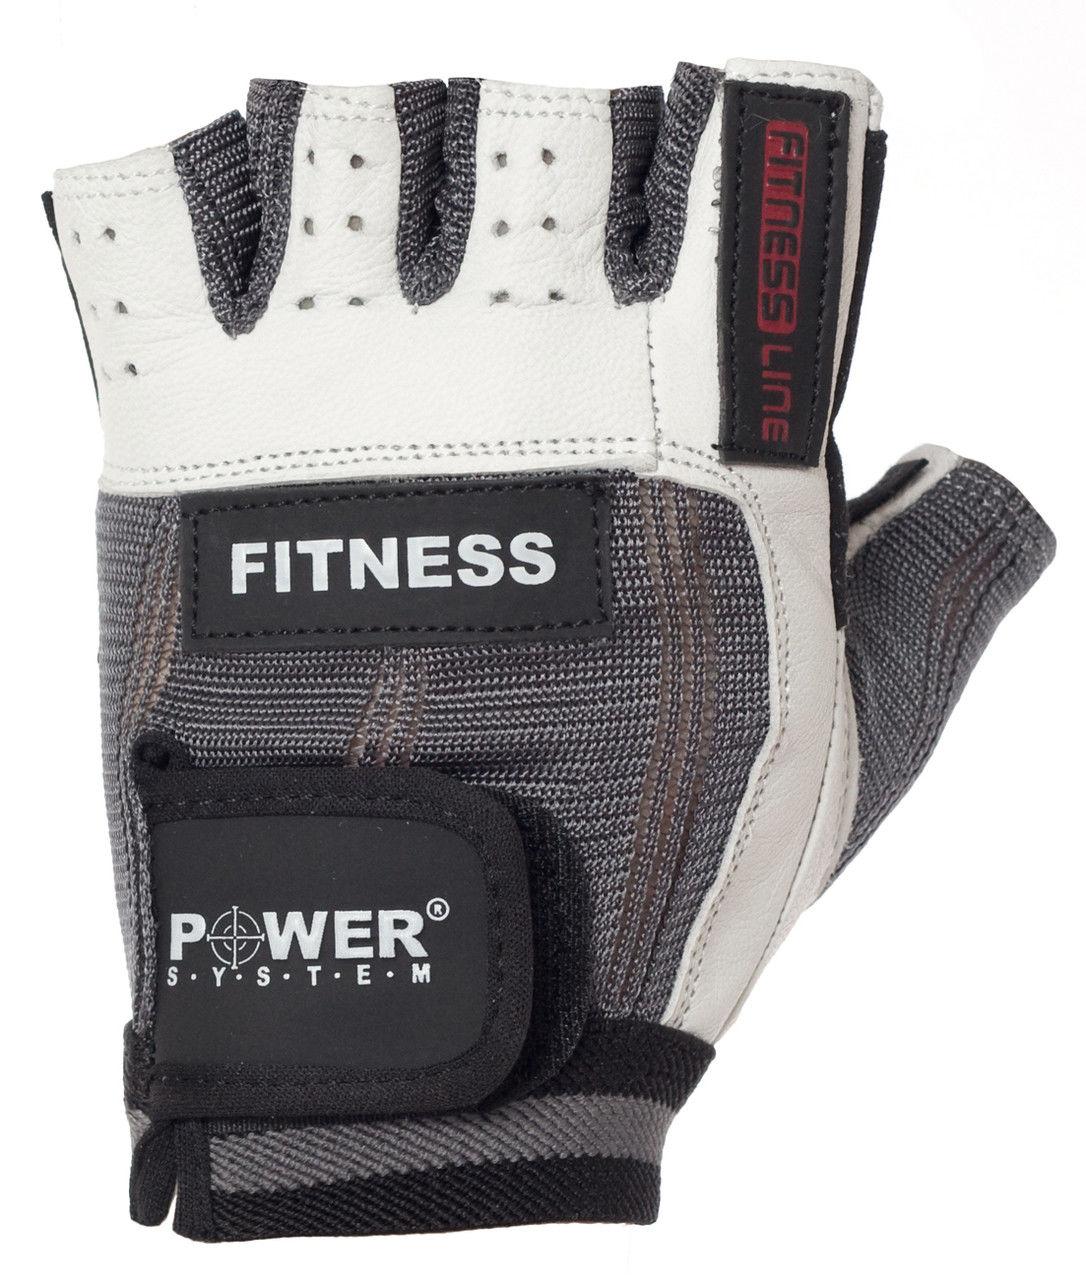 Перчатки Power System Fitness PS-2300 M, Серый фото видео изображение